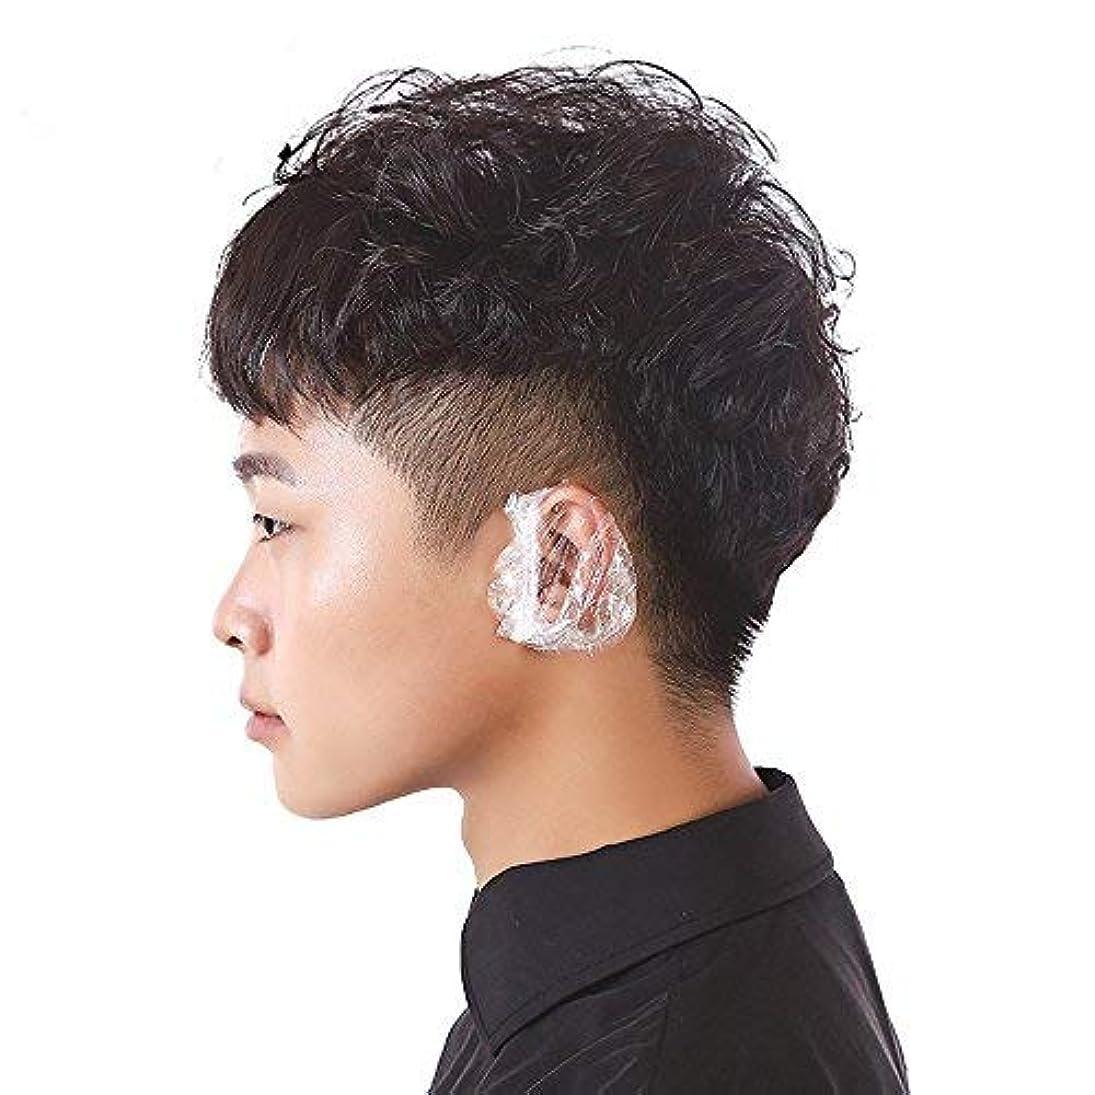 ゆるい直径いまMilent イヤーキャップ 耳カバー 使い捨て 簡単 装着 衛生的 透明 毛染め 100pcs